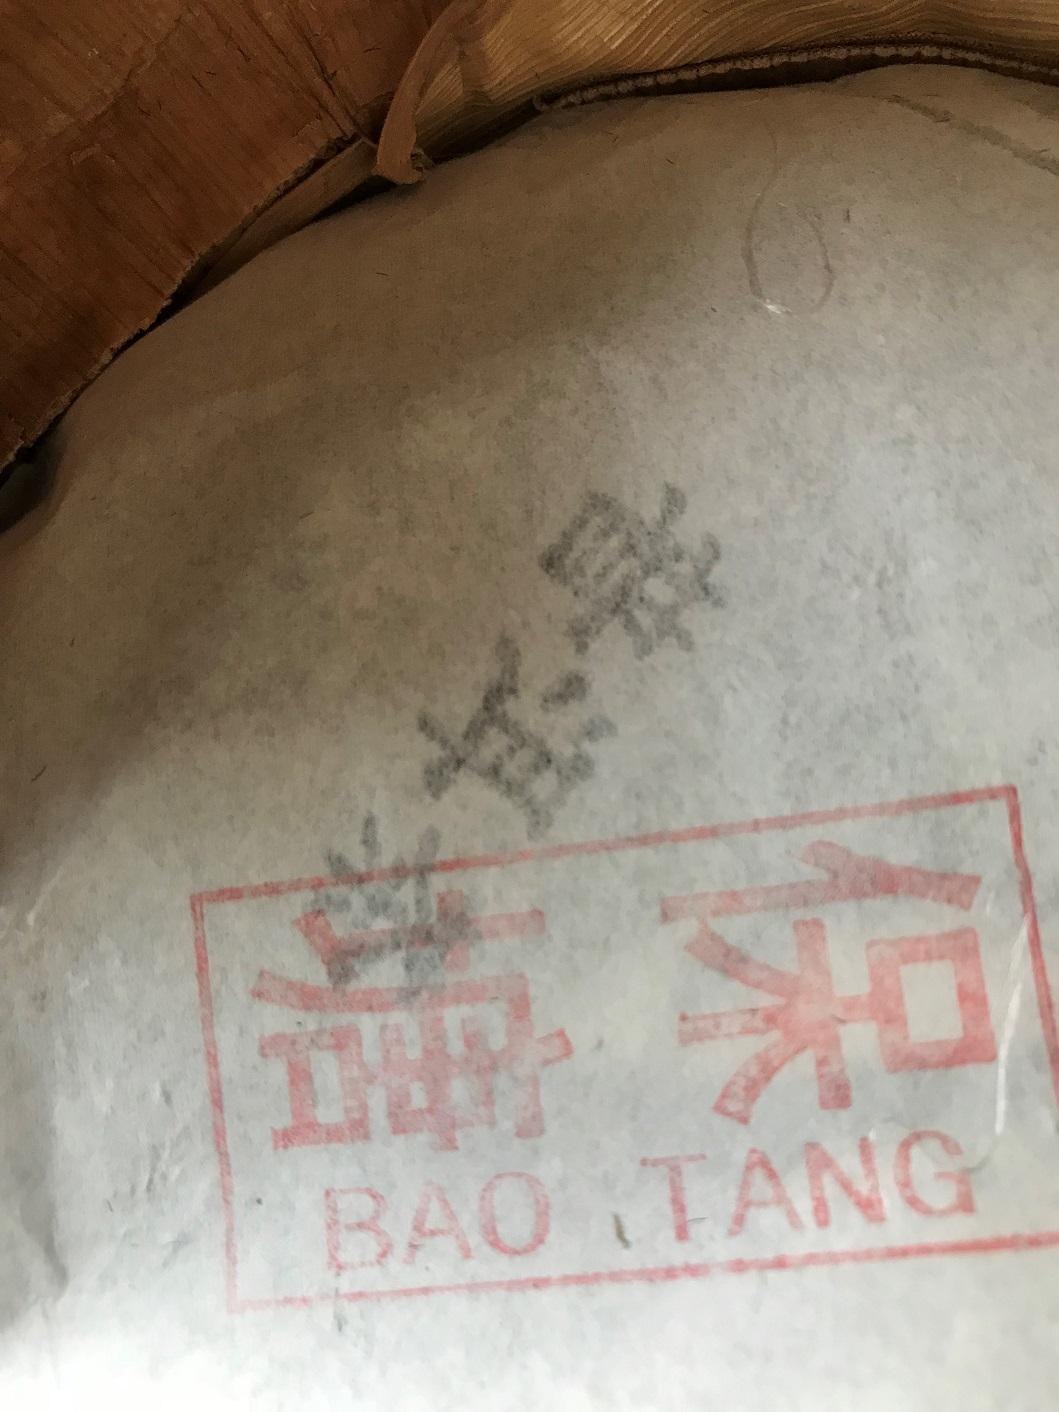 Thetea World Of Finest Teas 2018 Baotang Gushu Sheng